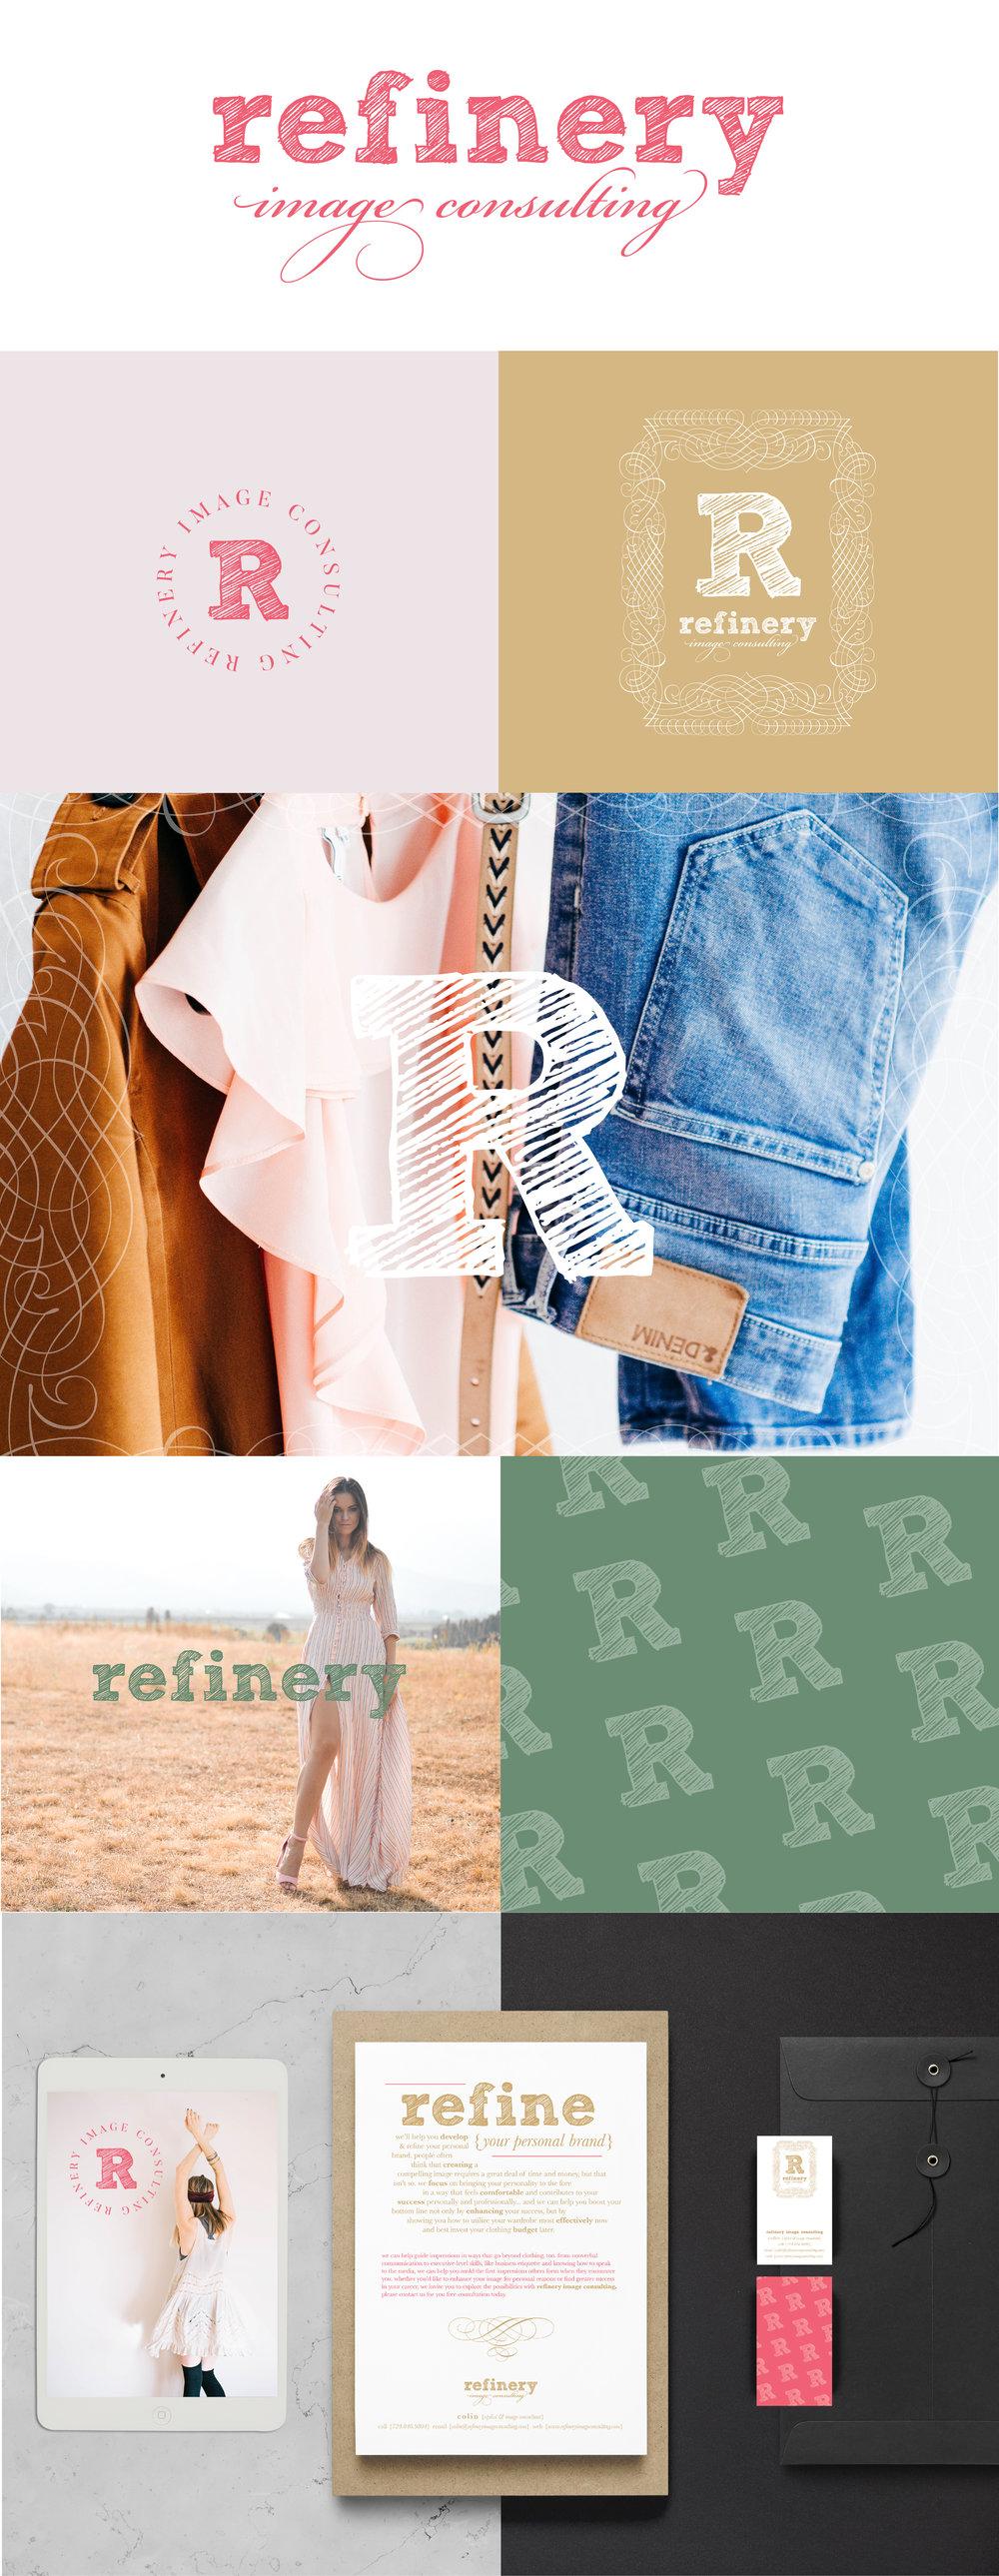 refinery_branding_web.jpg